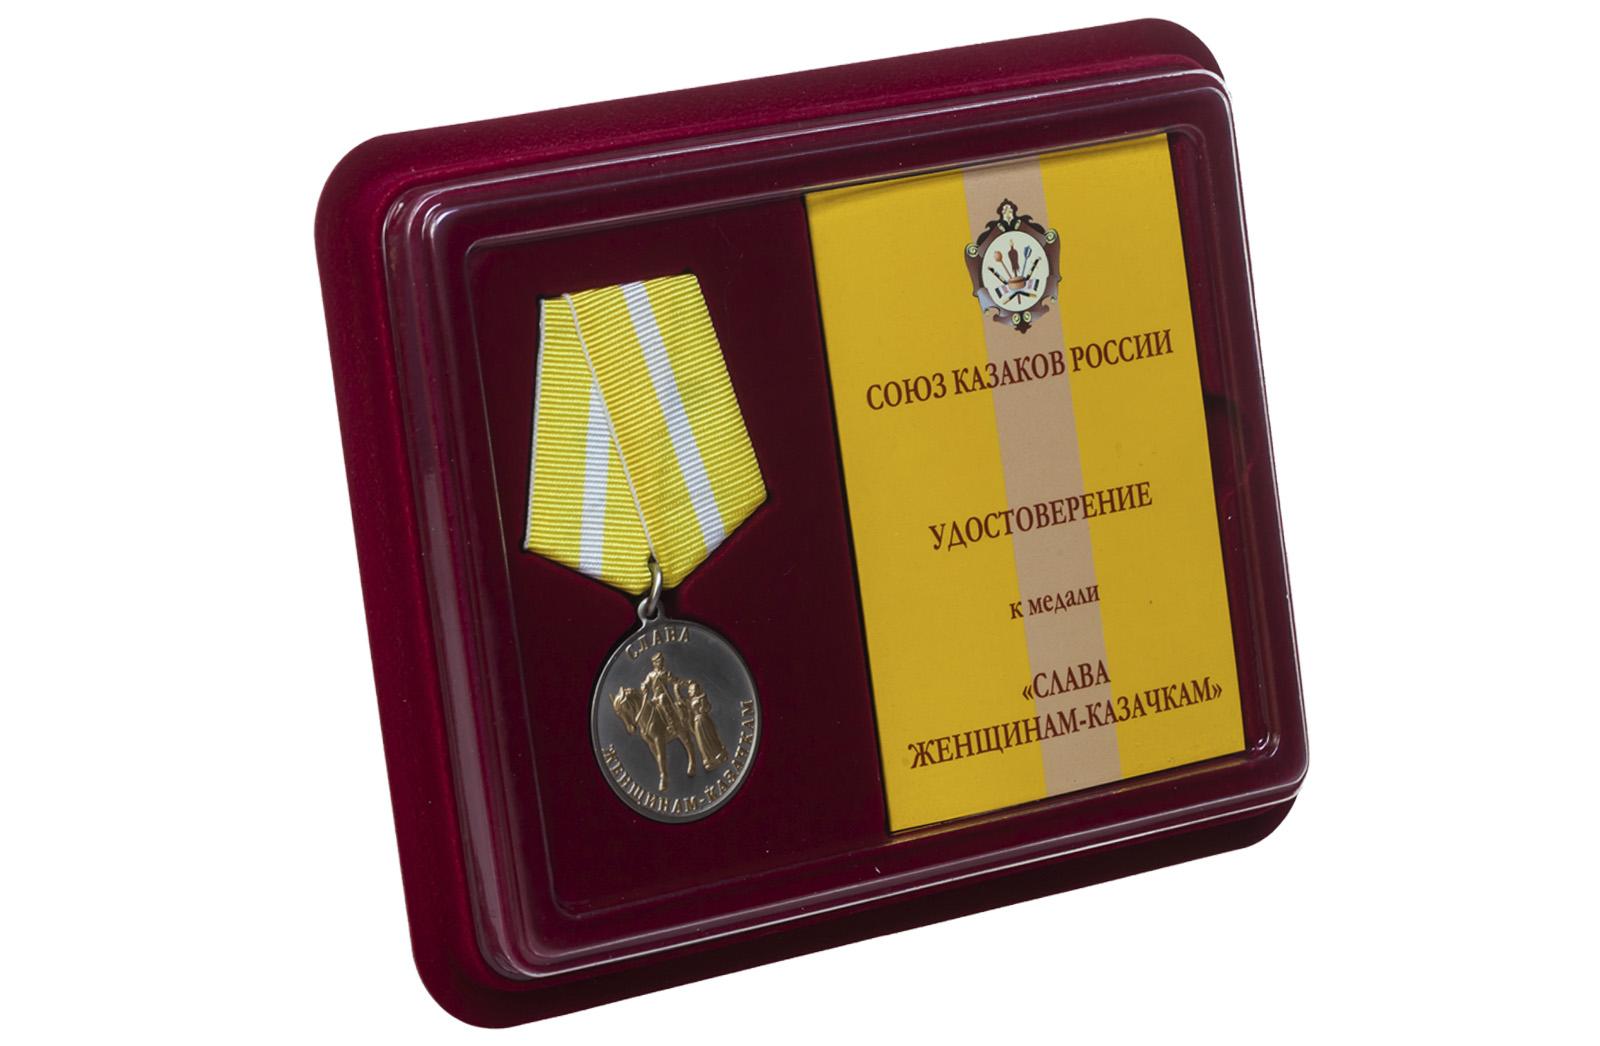 Купить медаль Слава женщинам-казачкам с доставкой в любой город